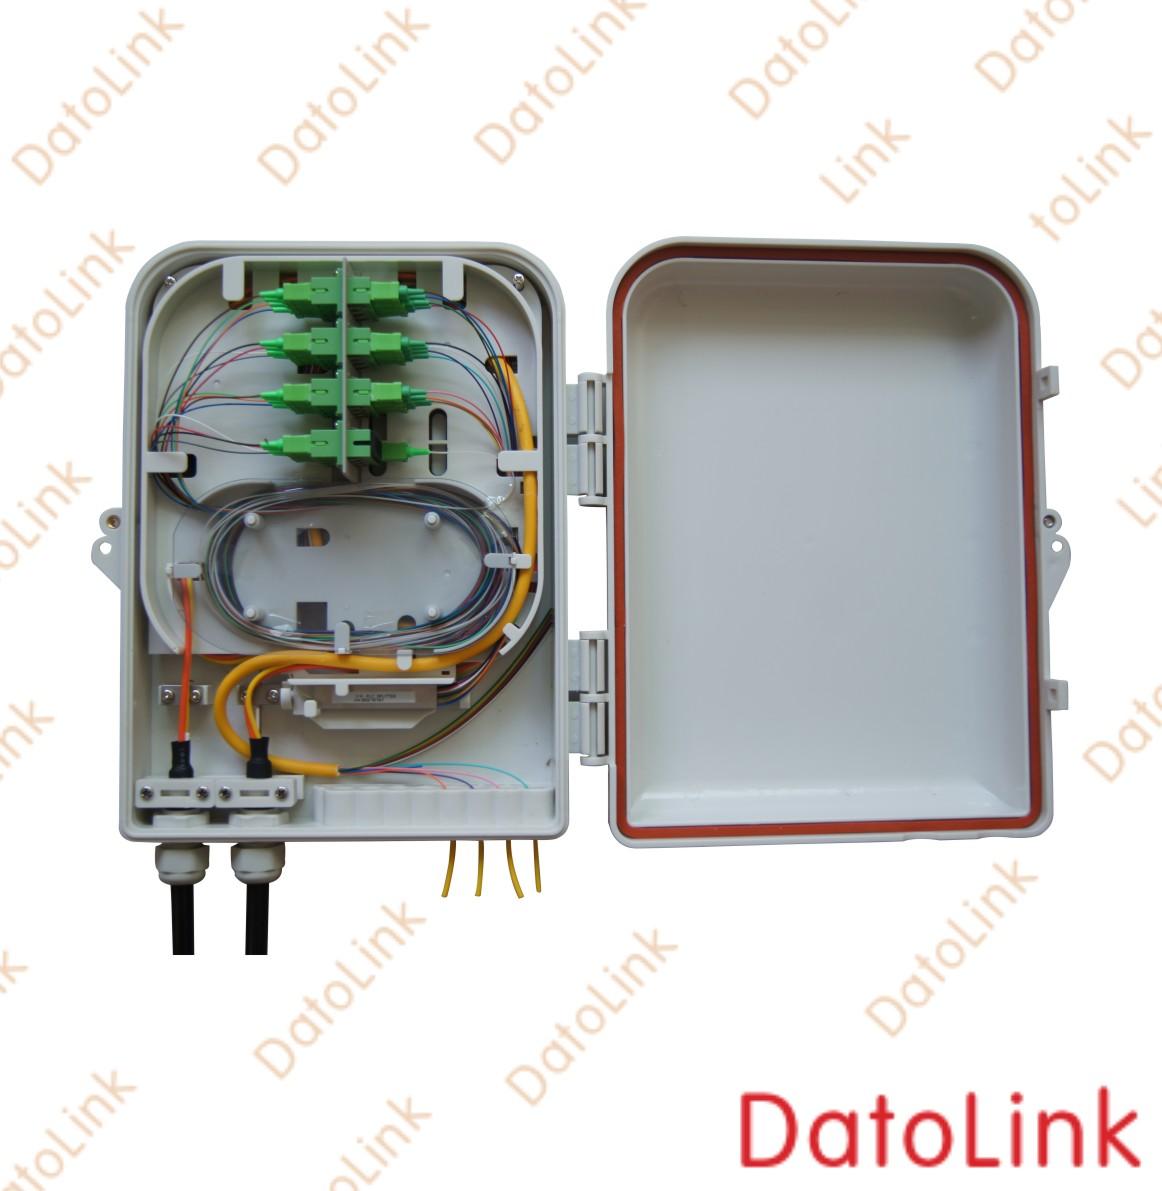 Datolink Ltd Fiber Optic Home Wiring